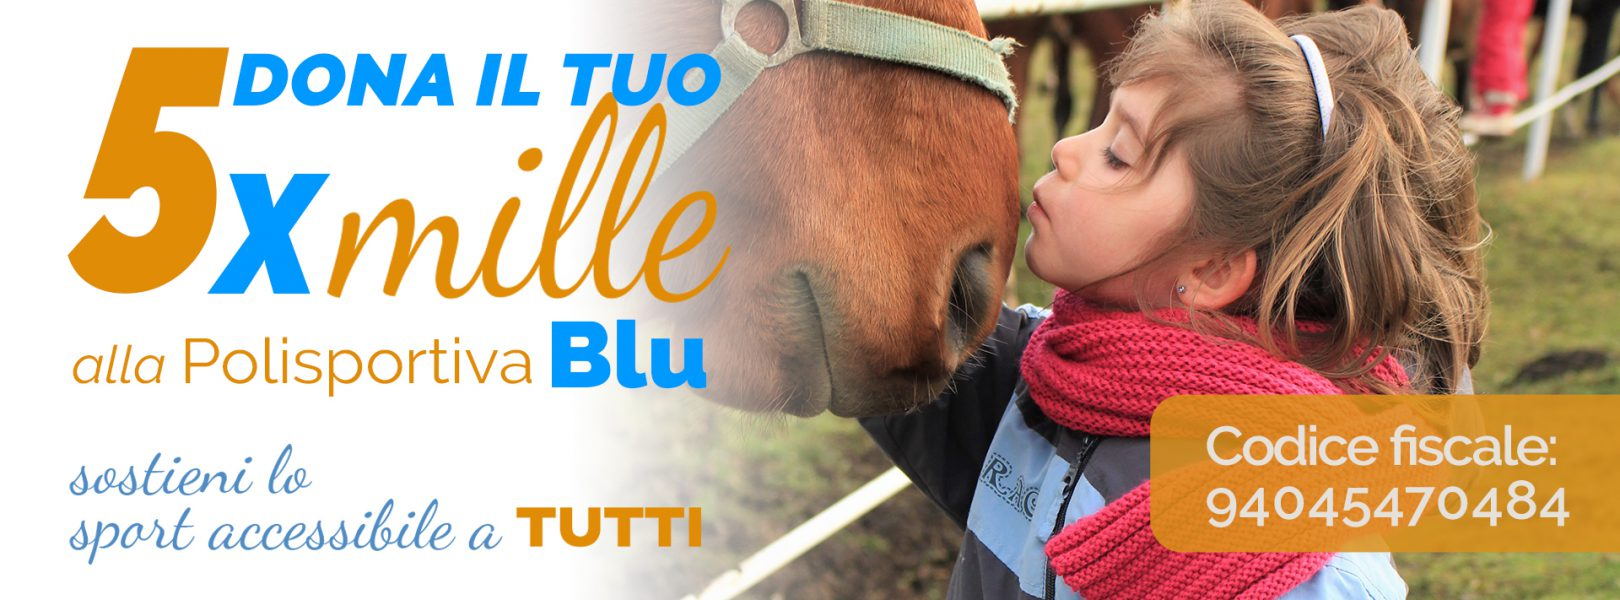 Polisportiva Blu